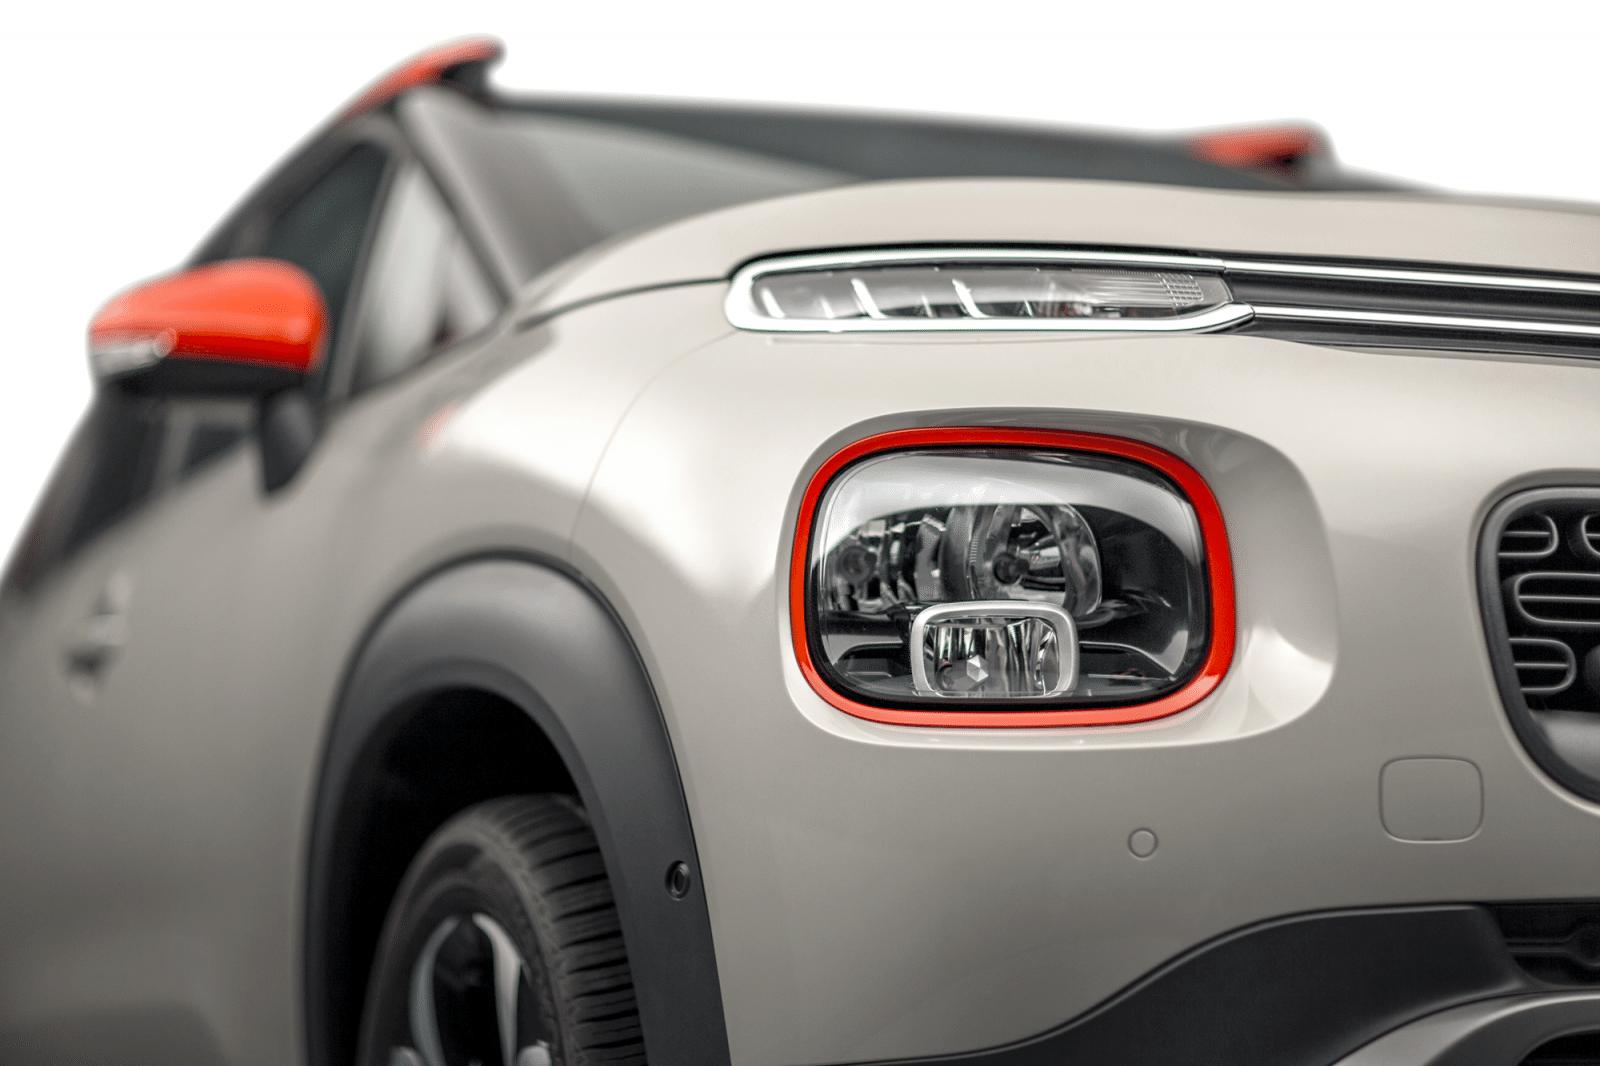 SUV Compact C3 Aircross